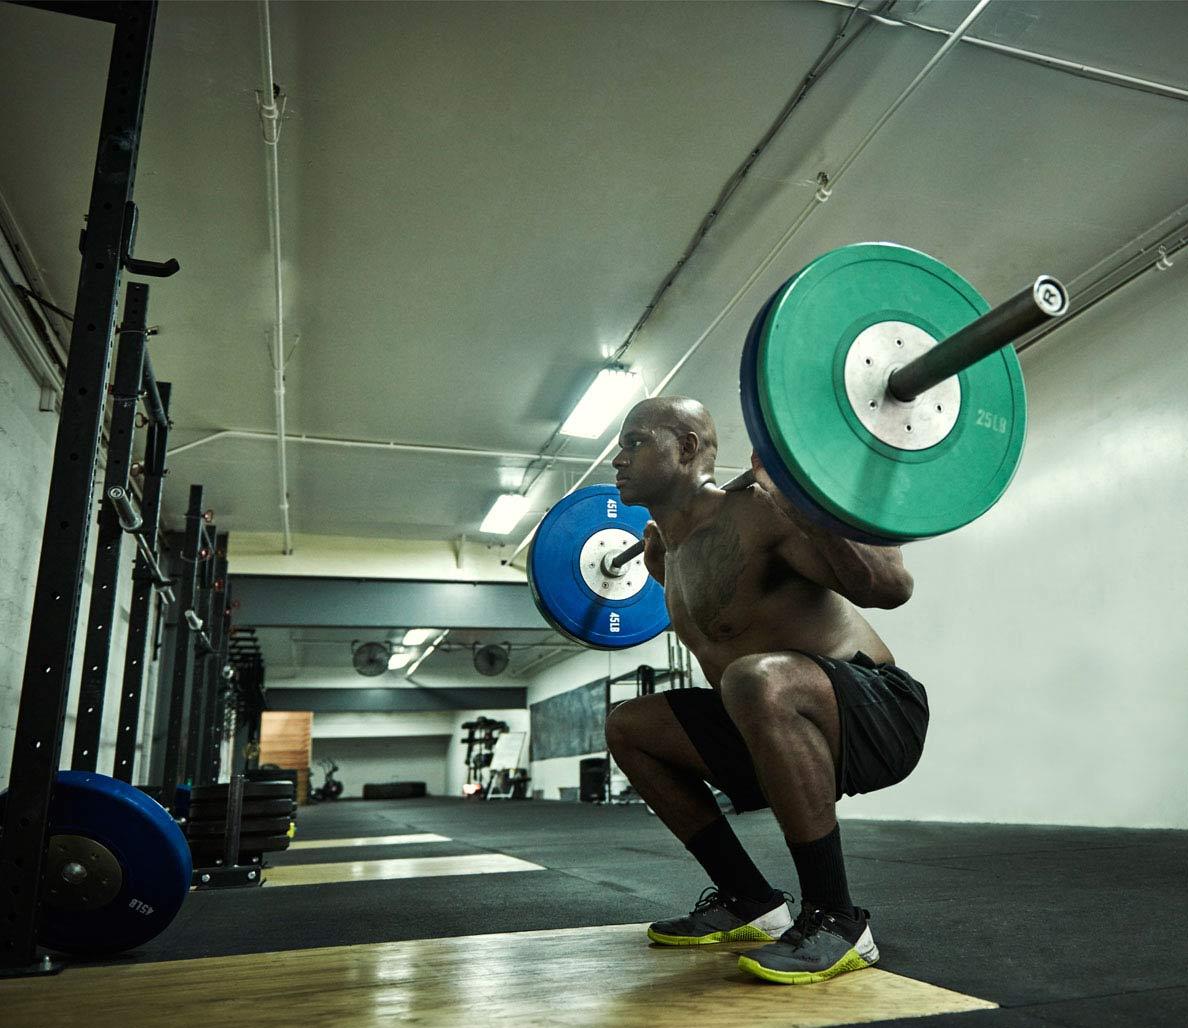 Here's 25 ways to get stronger now. https://t.co/ezAyt4gOc1